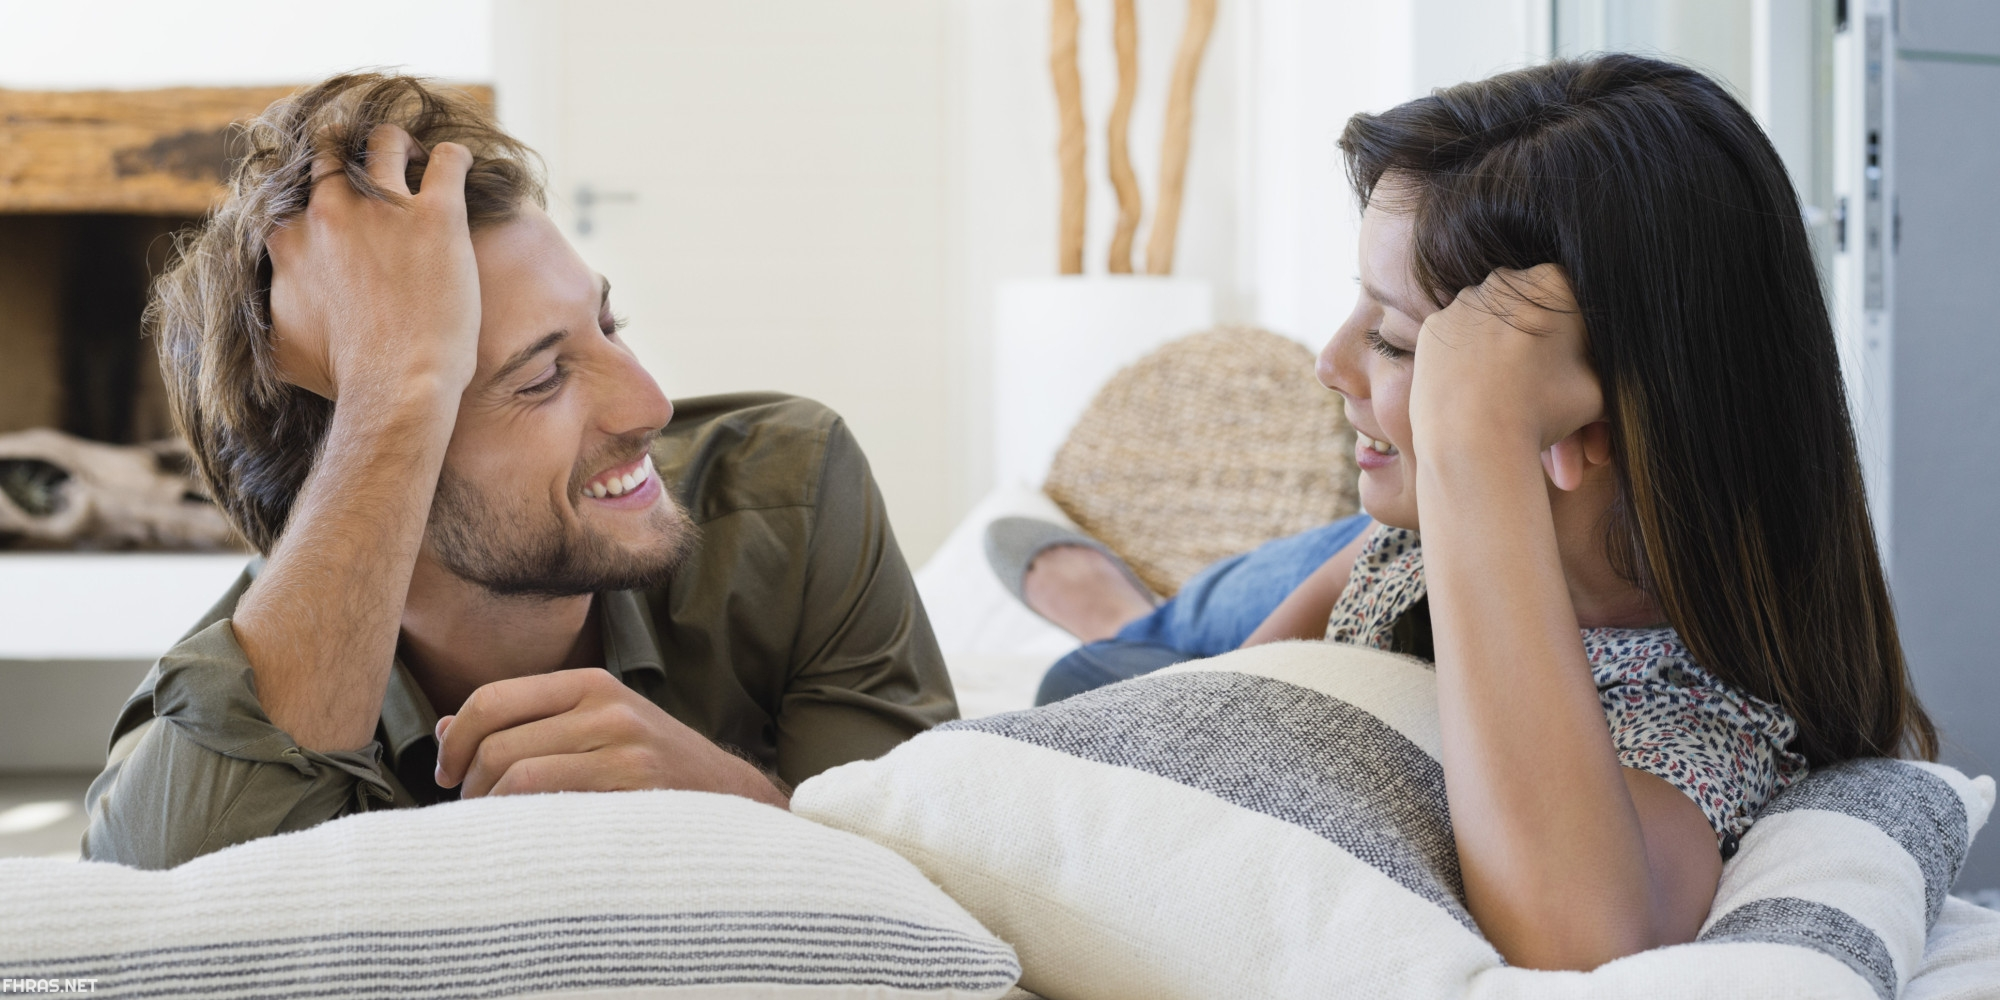 الرجل يعشق في المرأة اربعة أشياء | أشياء تعشقها المرأة في الرجل